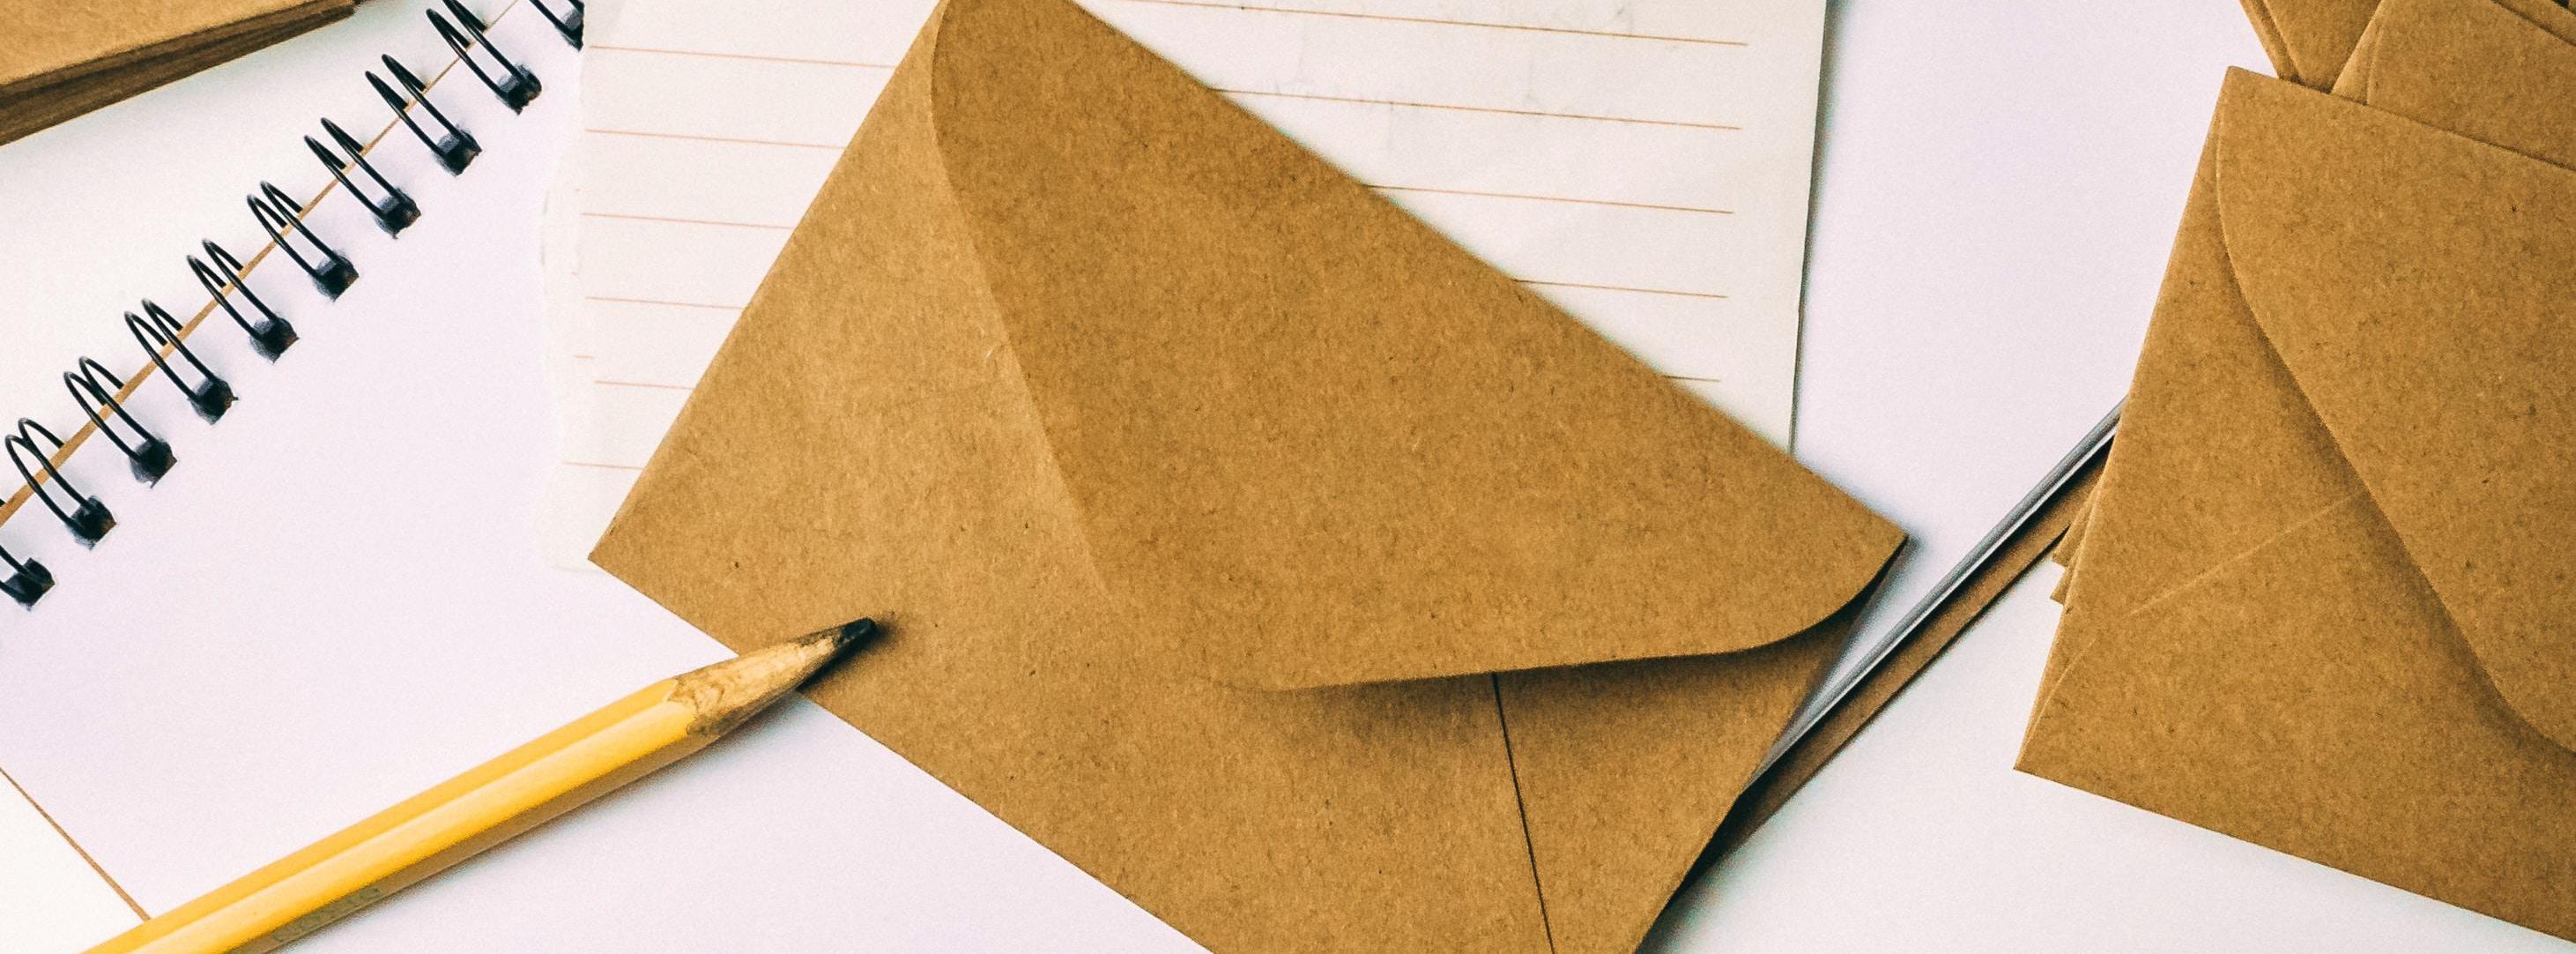 16 блиц-советов по email-дизайну, которые помогут повысить читабельность электронных писем